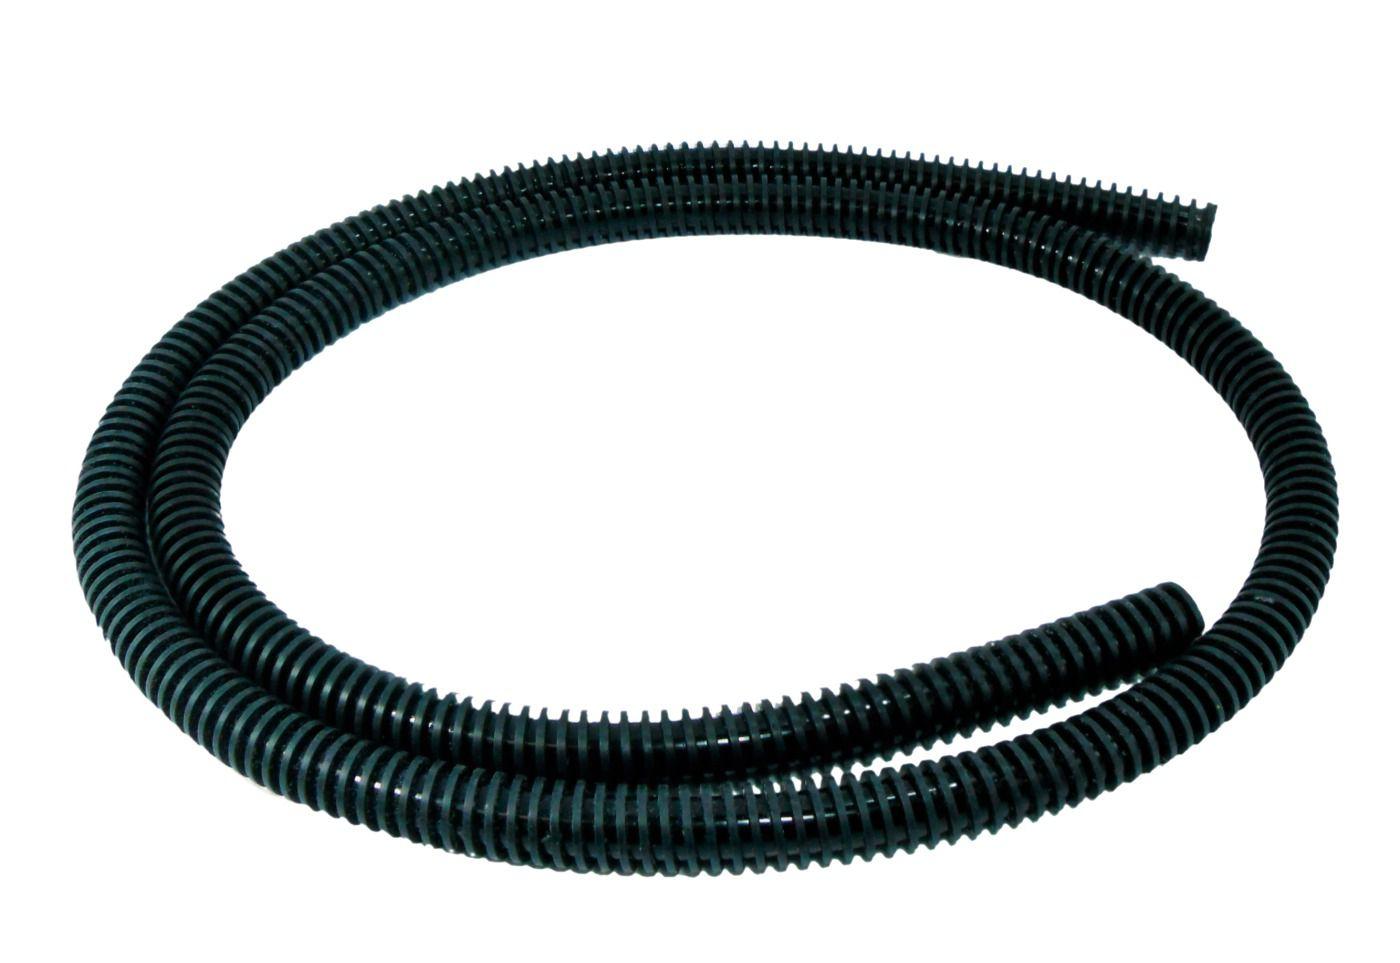 Mangueira p/ Narguile modelo Helix Fulgore, em silicone antichamas com espiral externa. 1,65m.